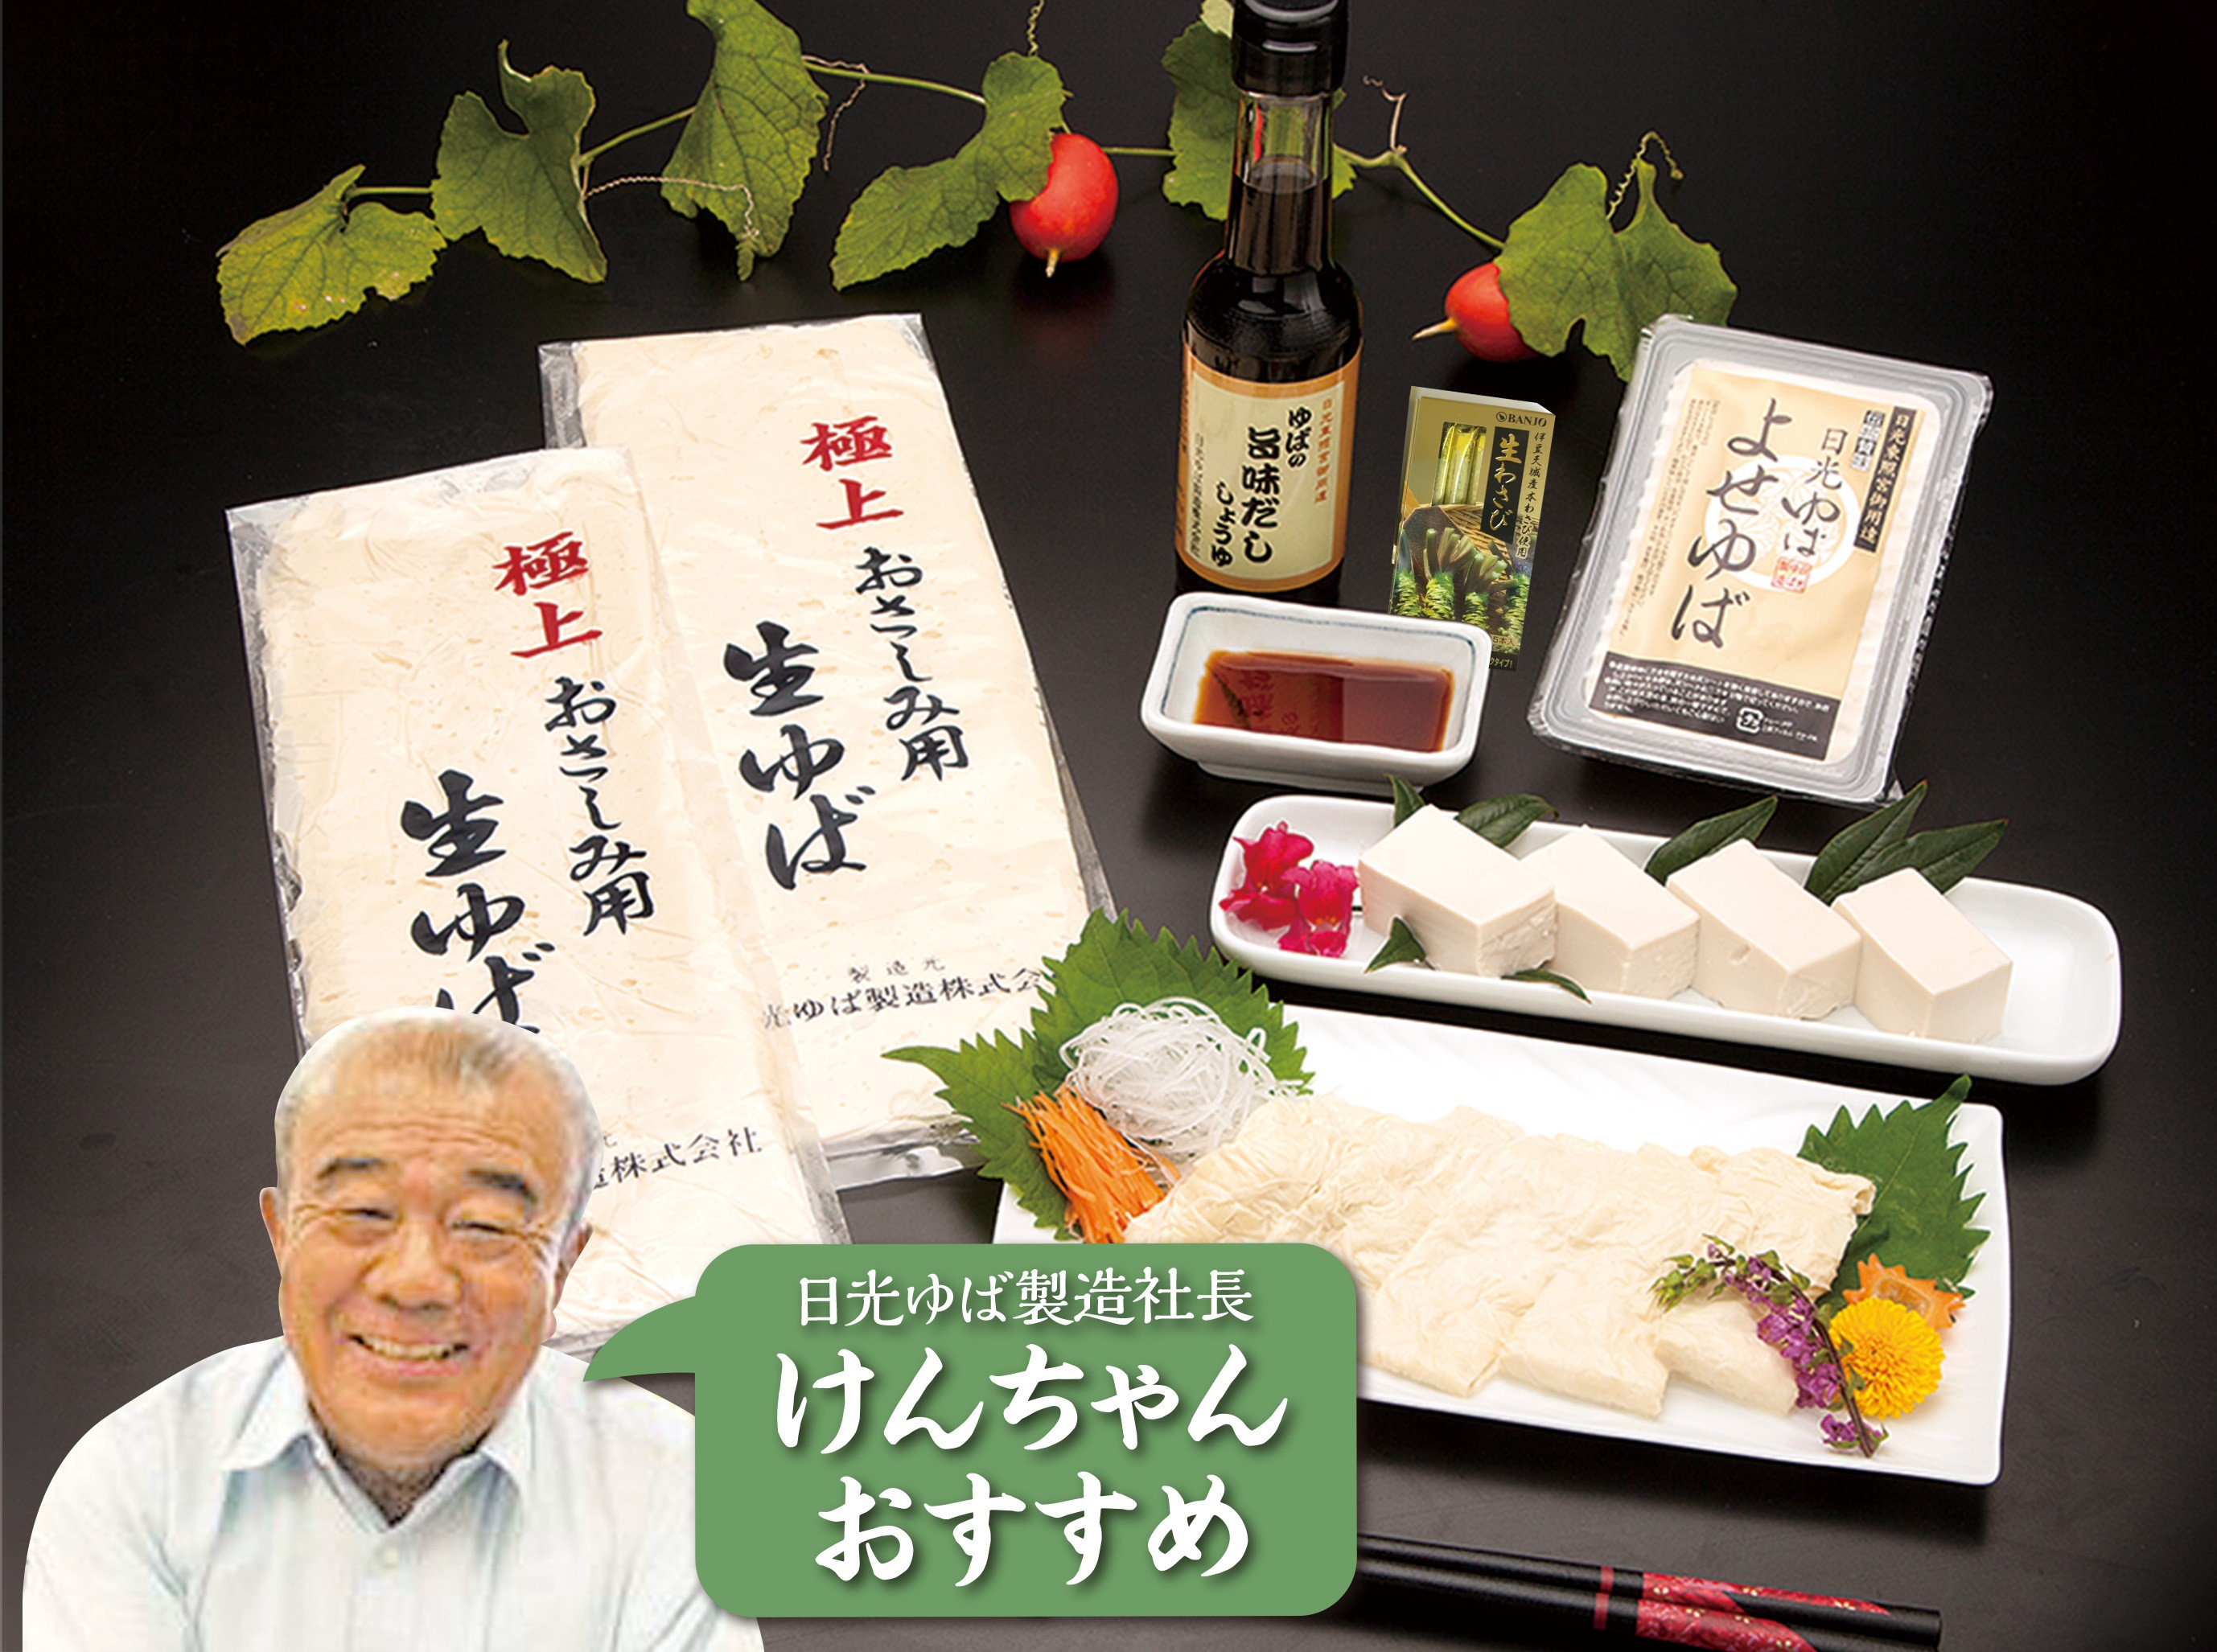 けんちゃん極上生ゆばセット(冷蔵)